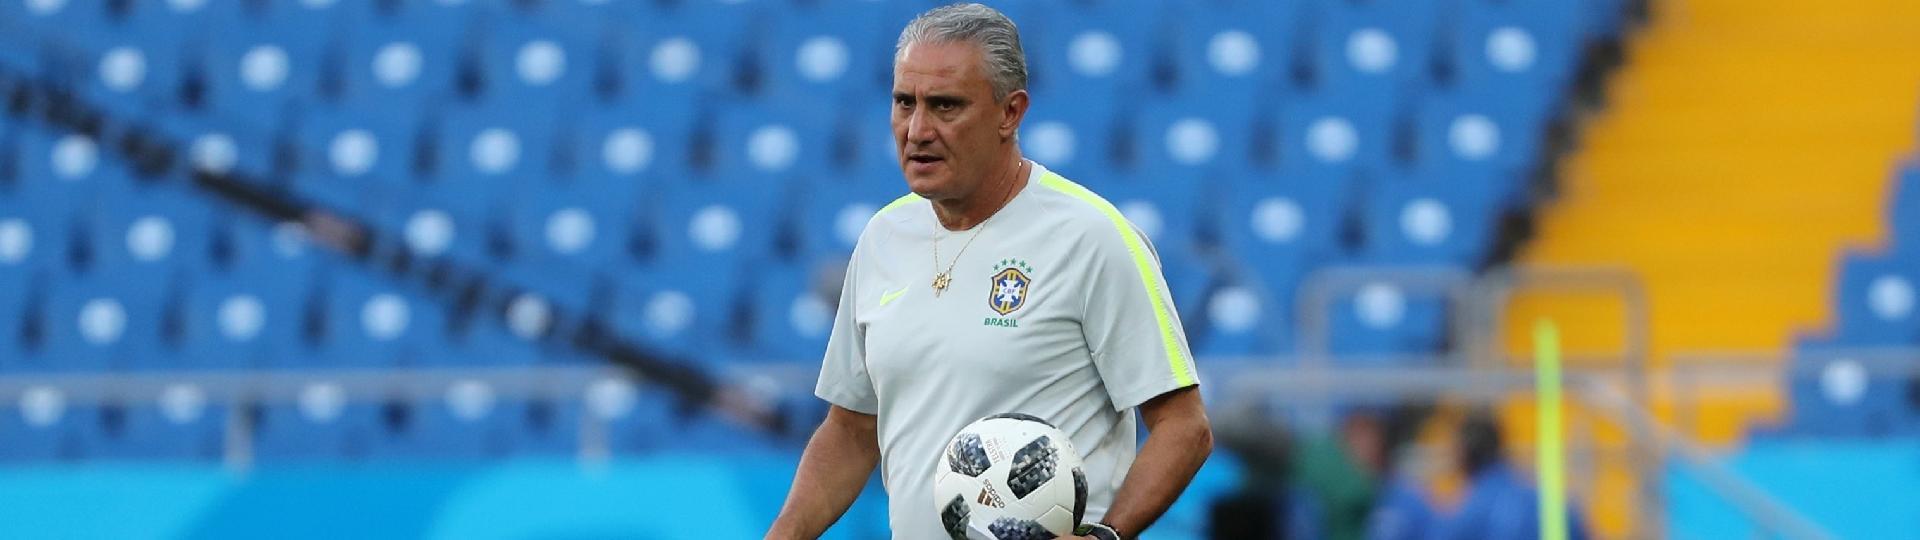 Tite, durante treino da seleção brasileira